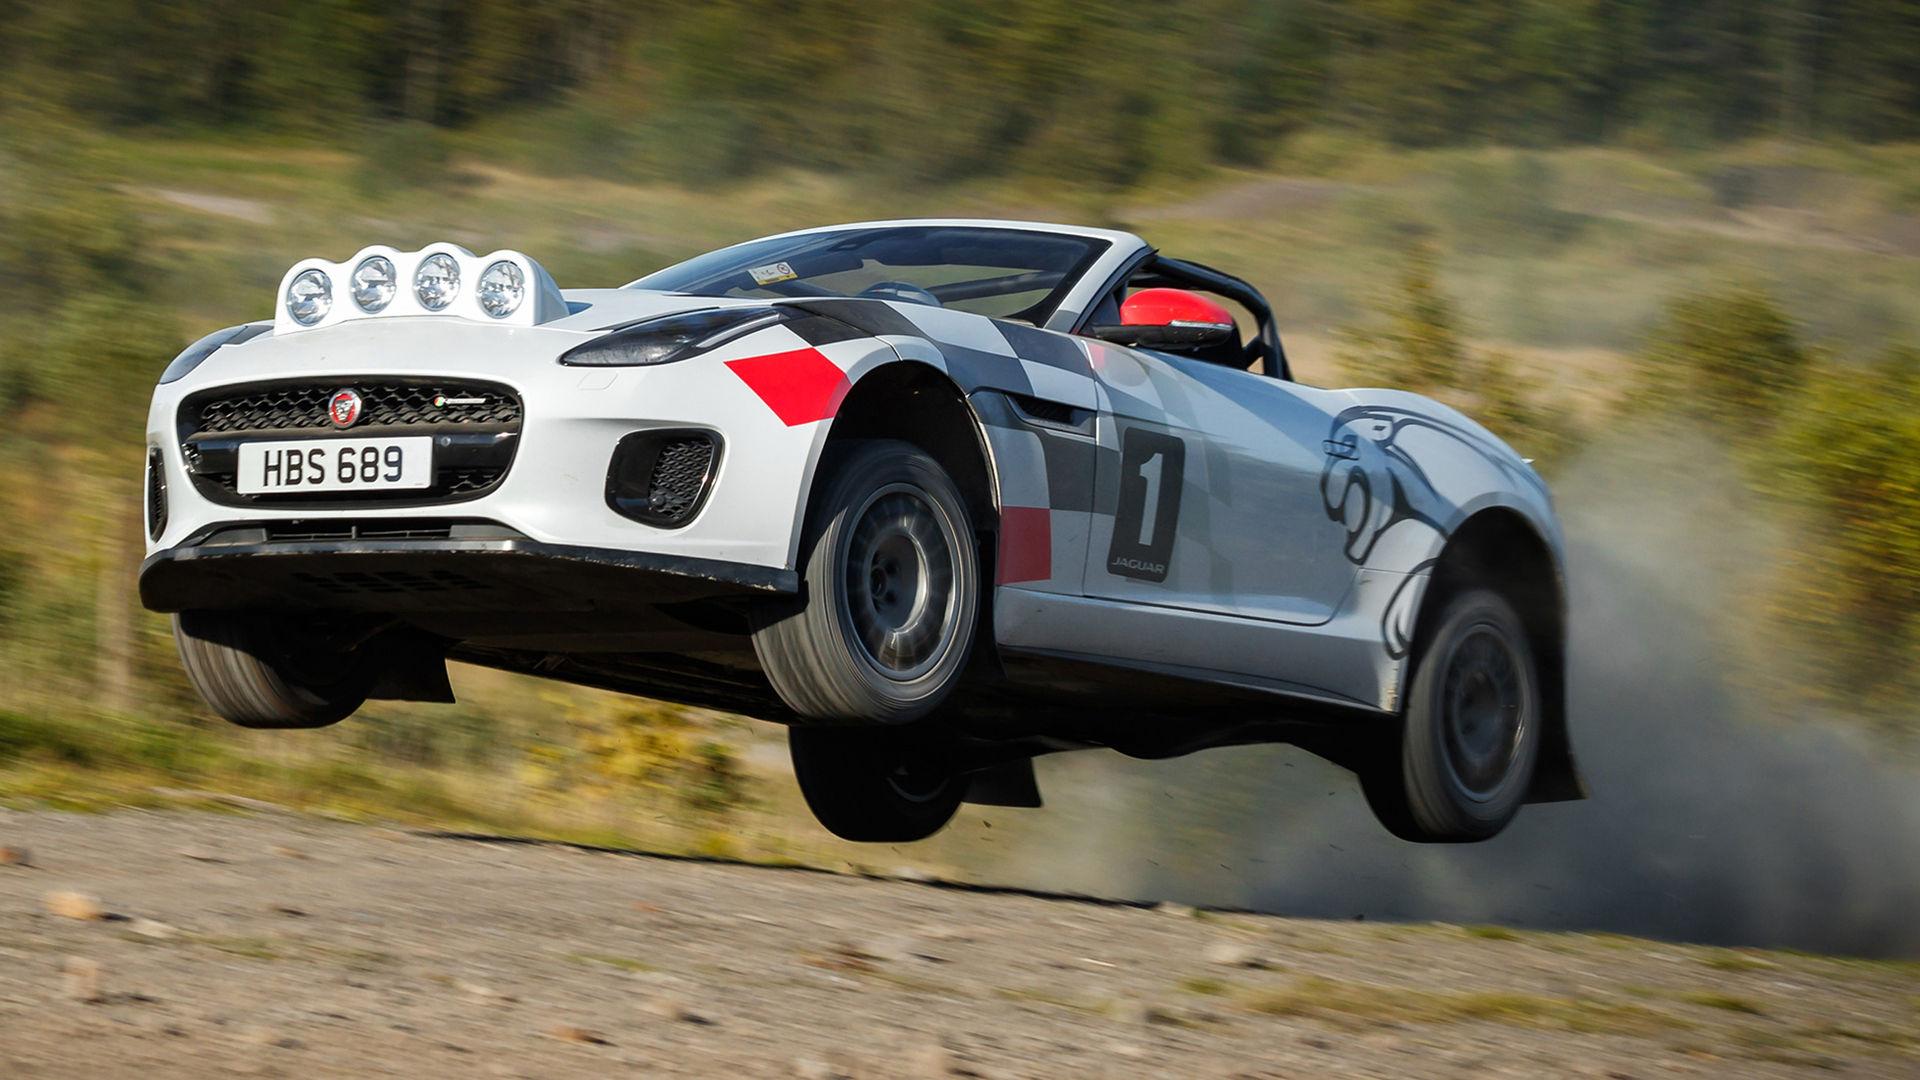 Jaguar har byggt en rallybil av F-Type Cabriolet